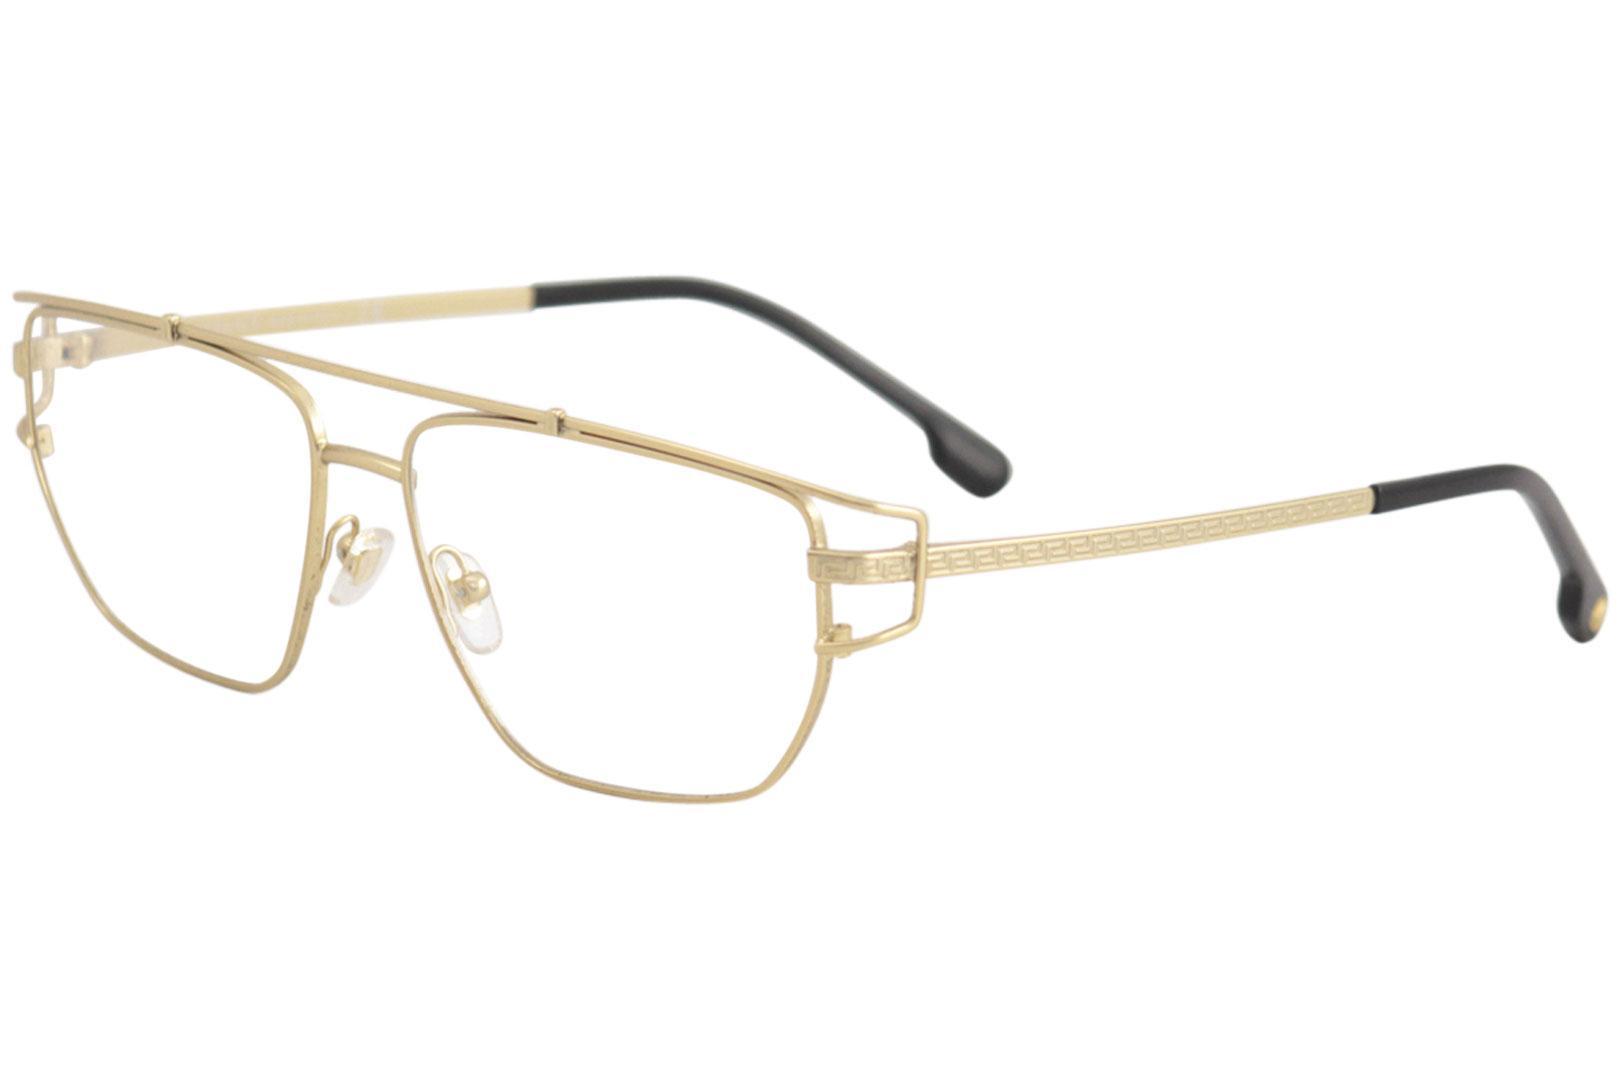 675d5b41c16b Versace Men's Eyeglasses VE1257 VE/1257 Full Rim Optical Frame